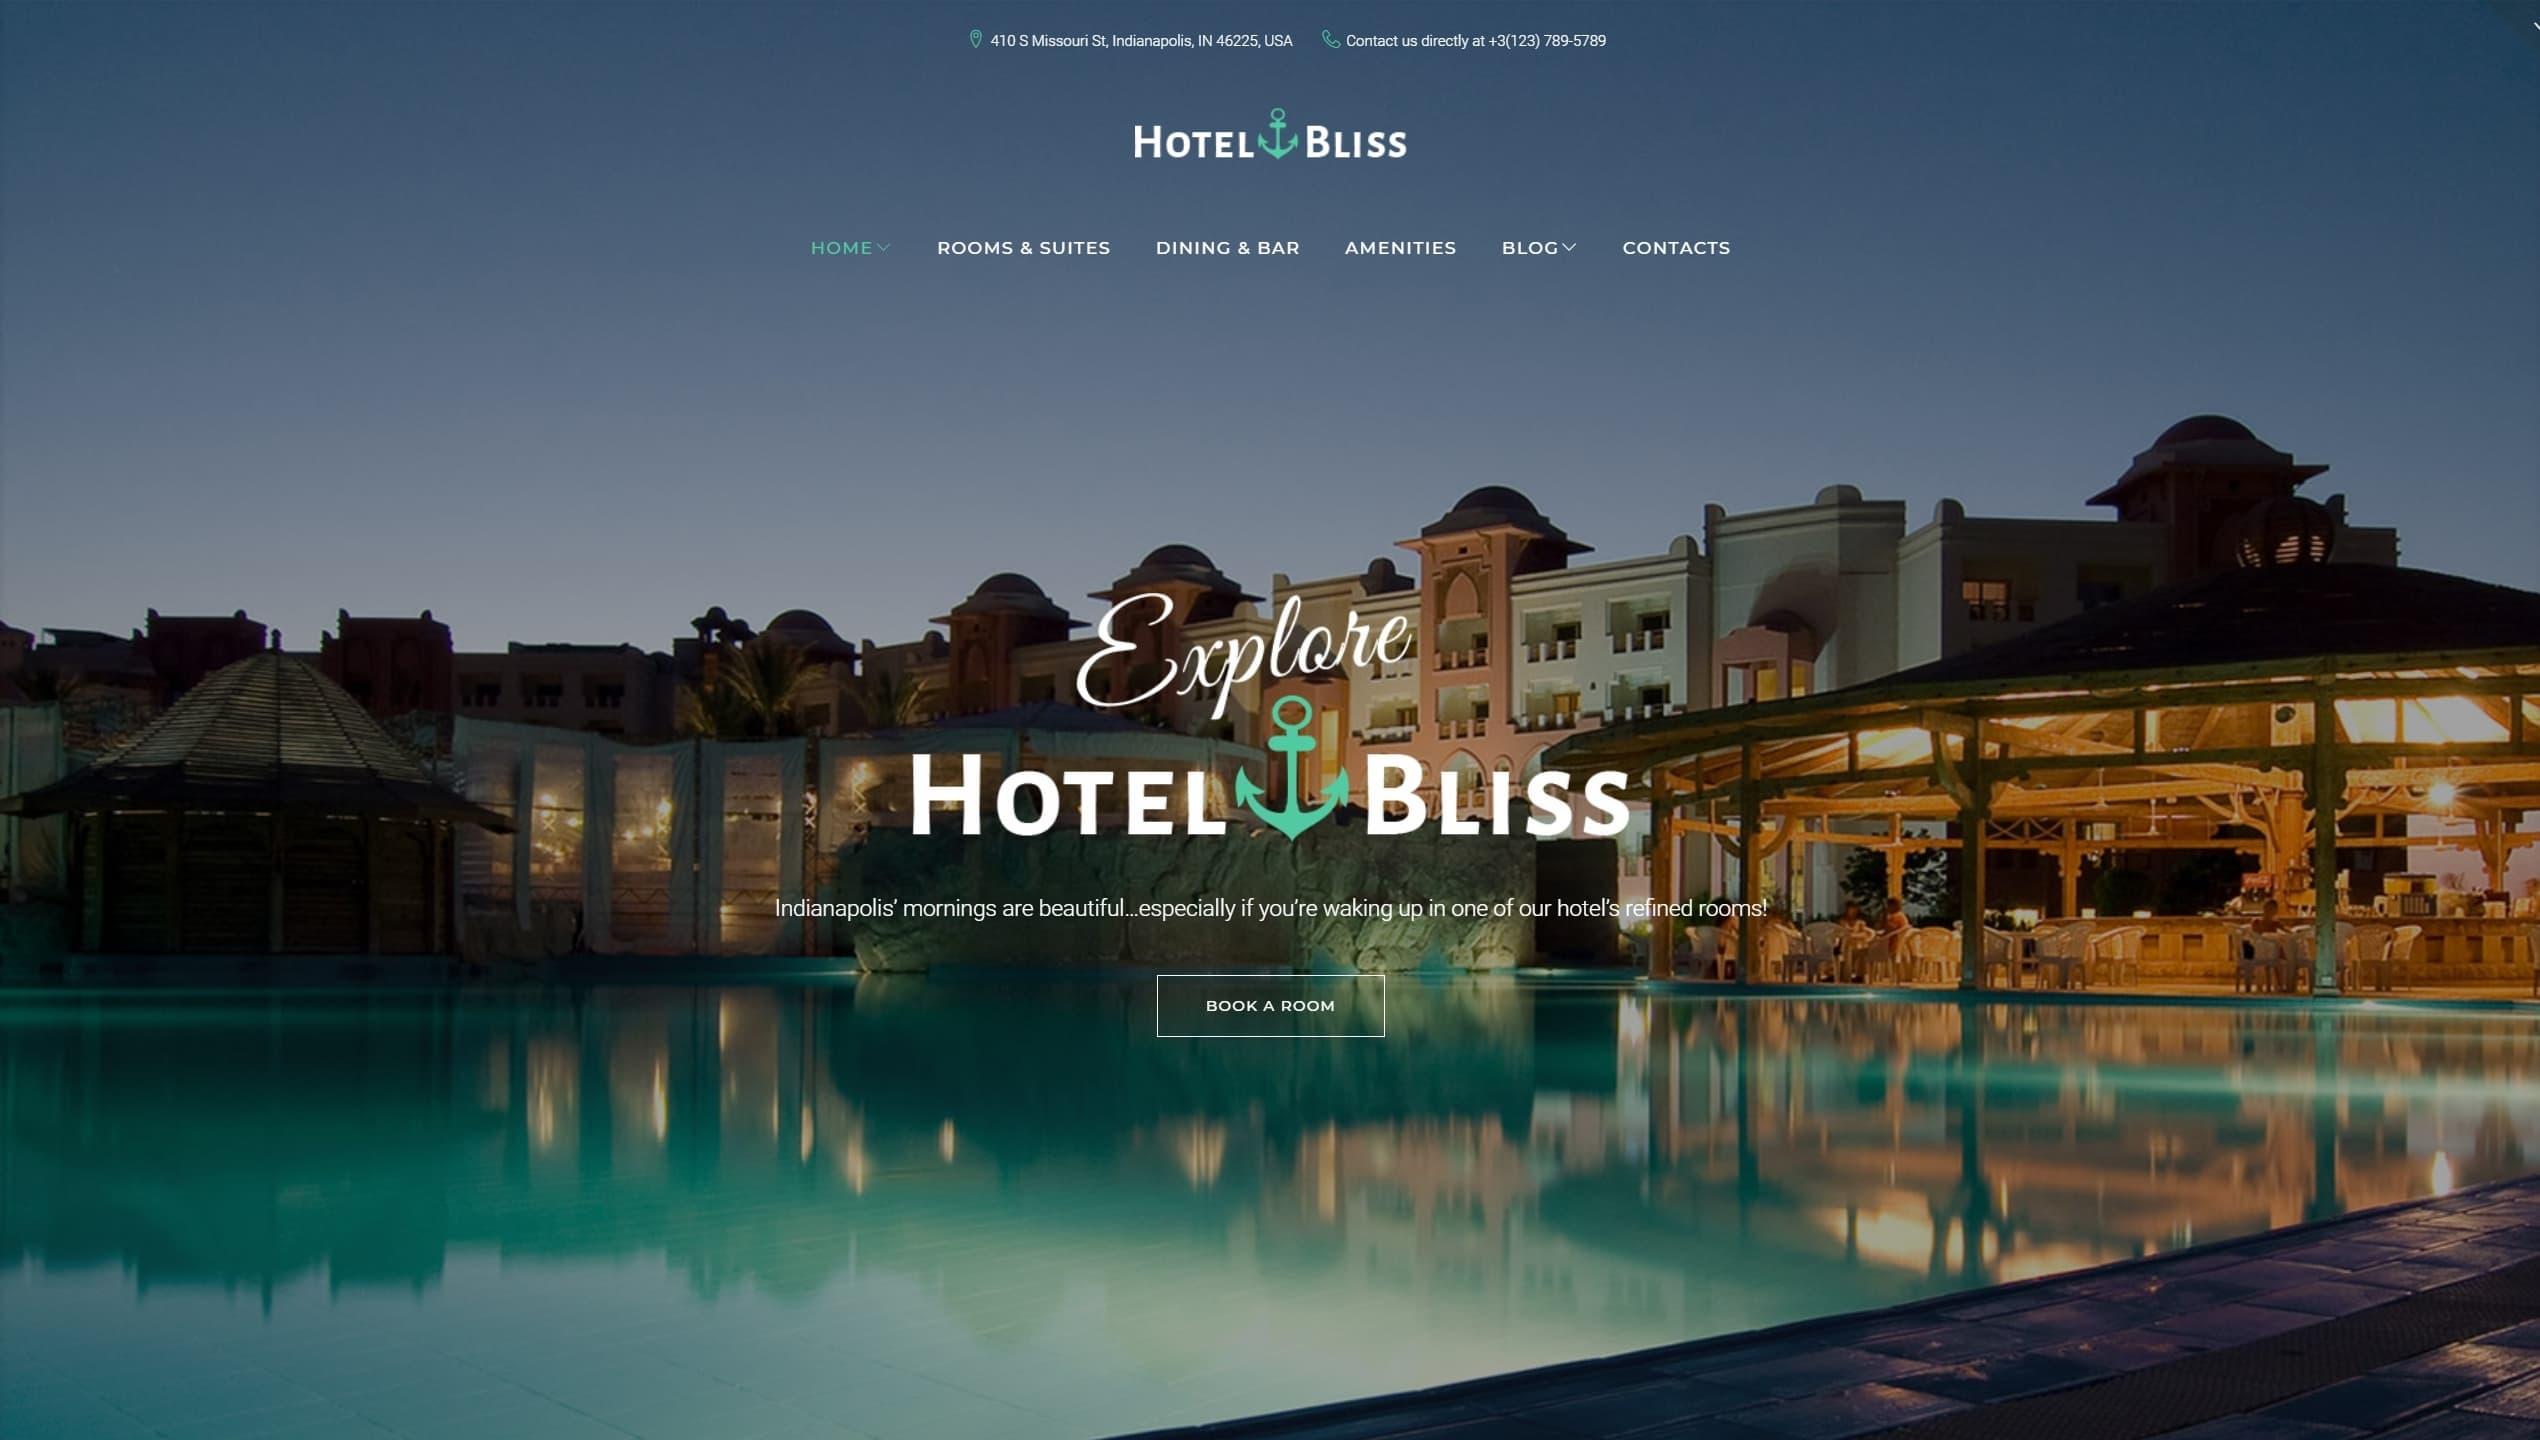 WordPress шаблоны для гостиницы и отеля c онлайн-бронированием